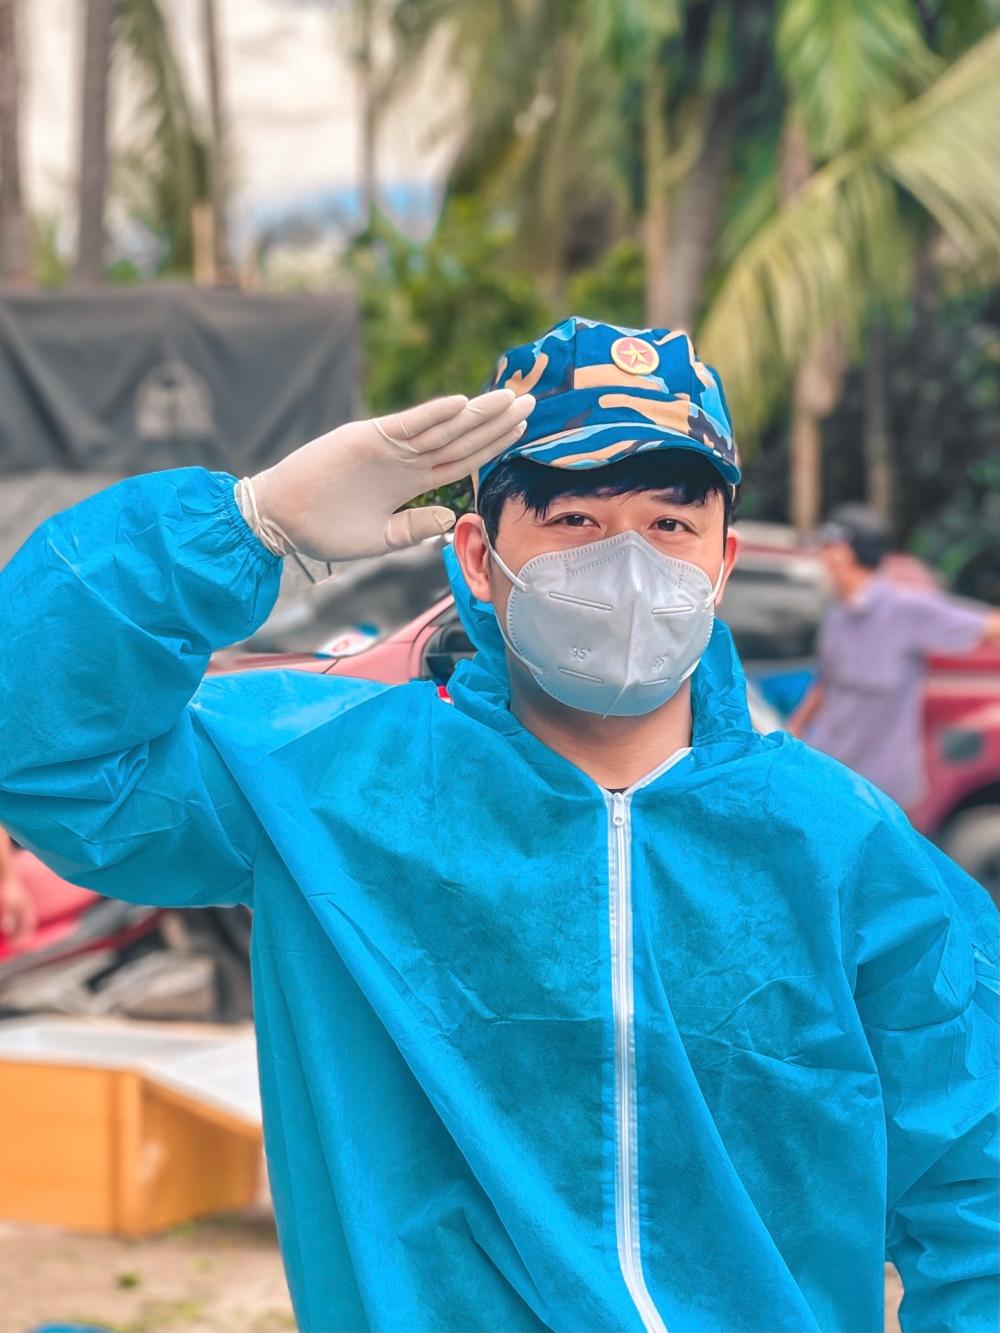 Nguyễn Văn Chung làm điều cực ý nghĩa để truyền năng lượng tích cực trong mùa dịch - ảnh 3